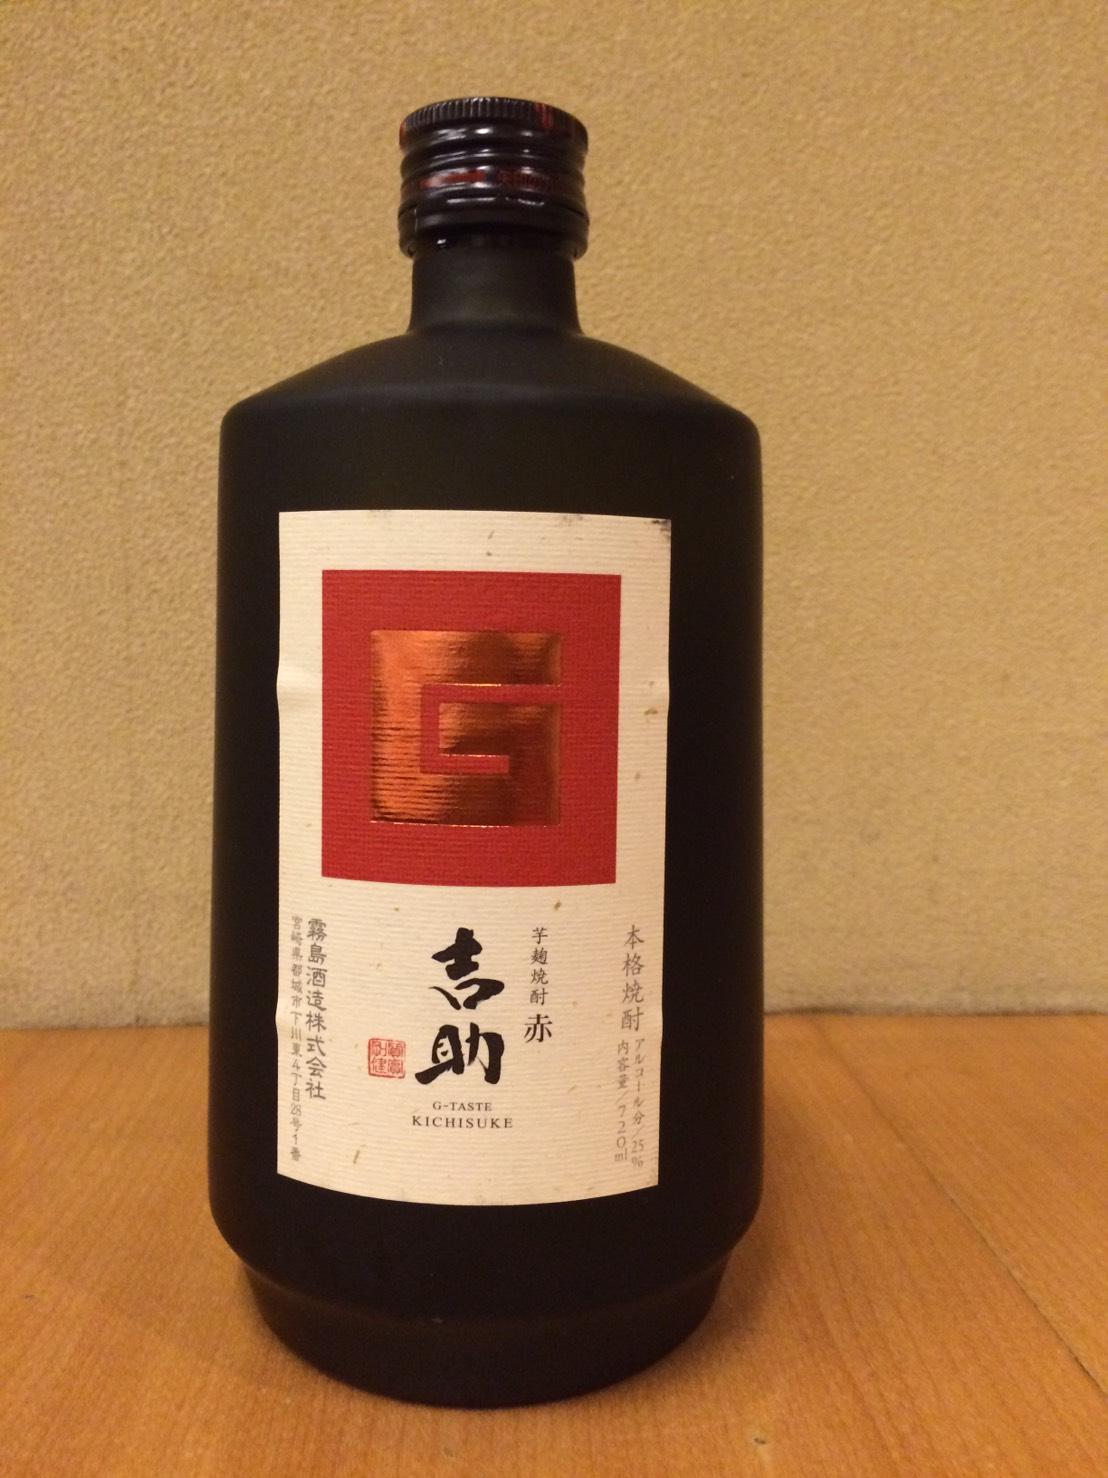 霧島酒造・吉助の赤ラベル